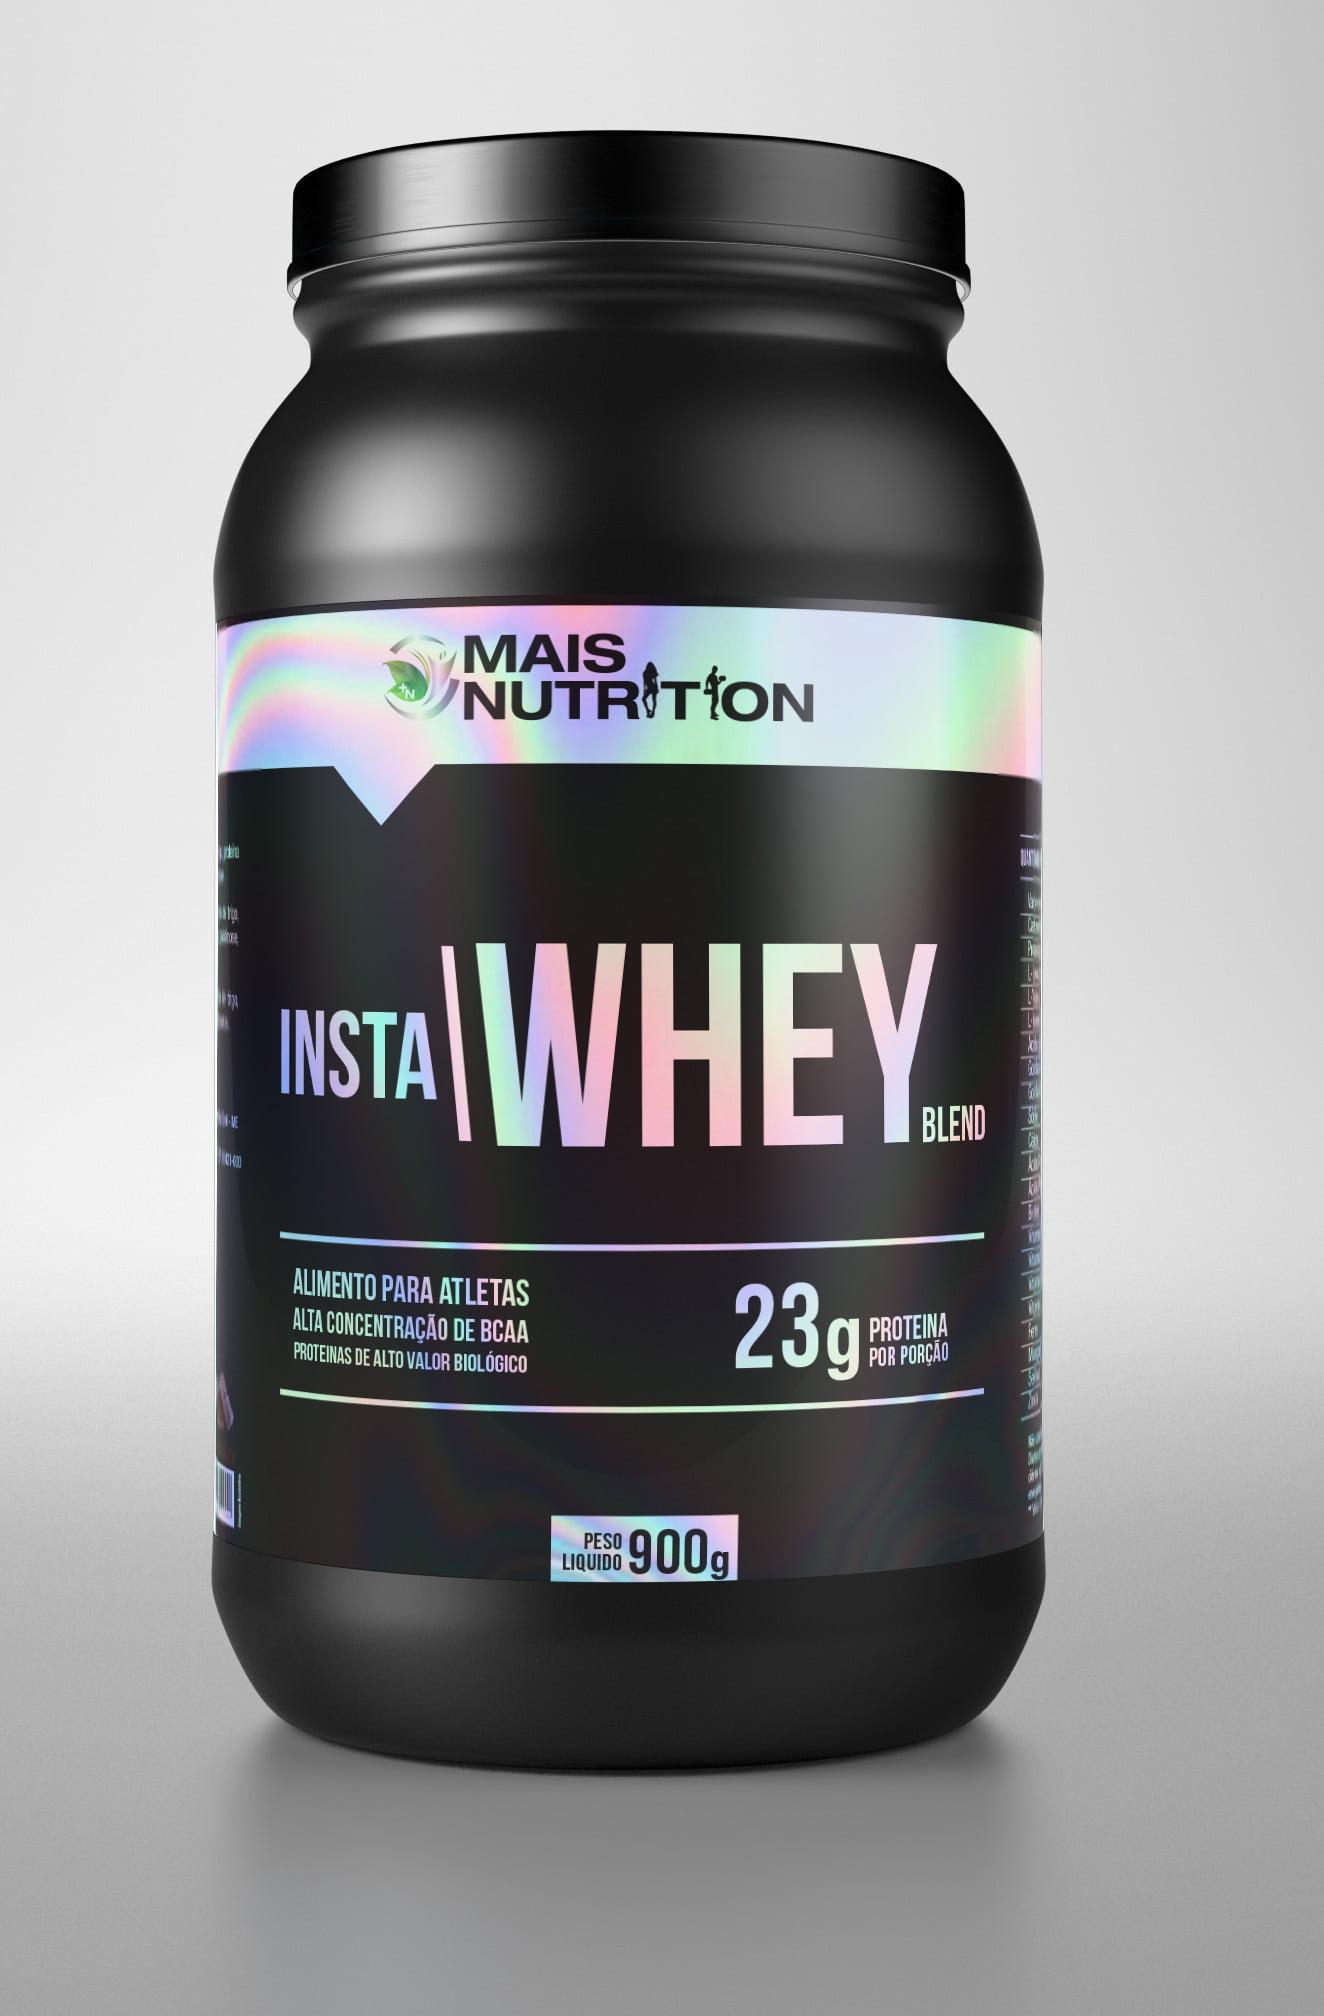 4 Insta Whey Blend 900g Mais Nutrition